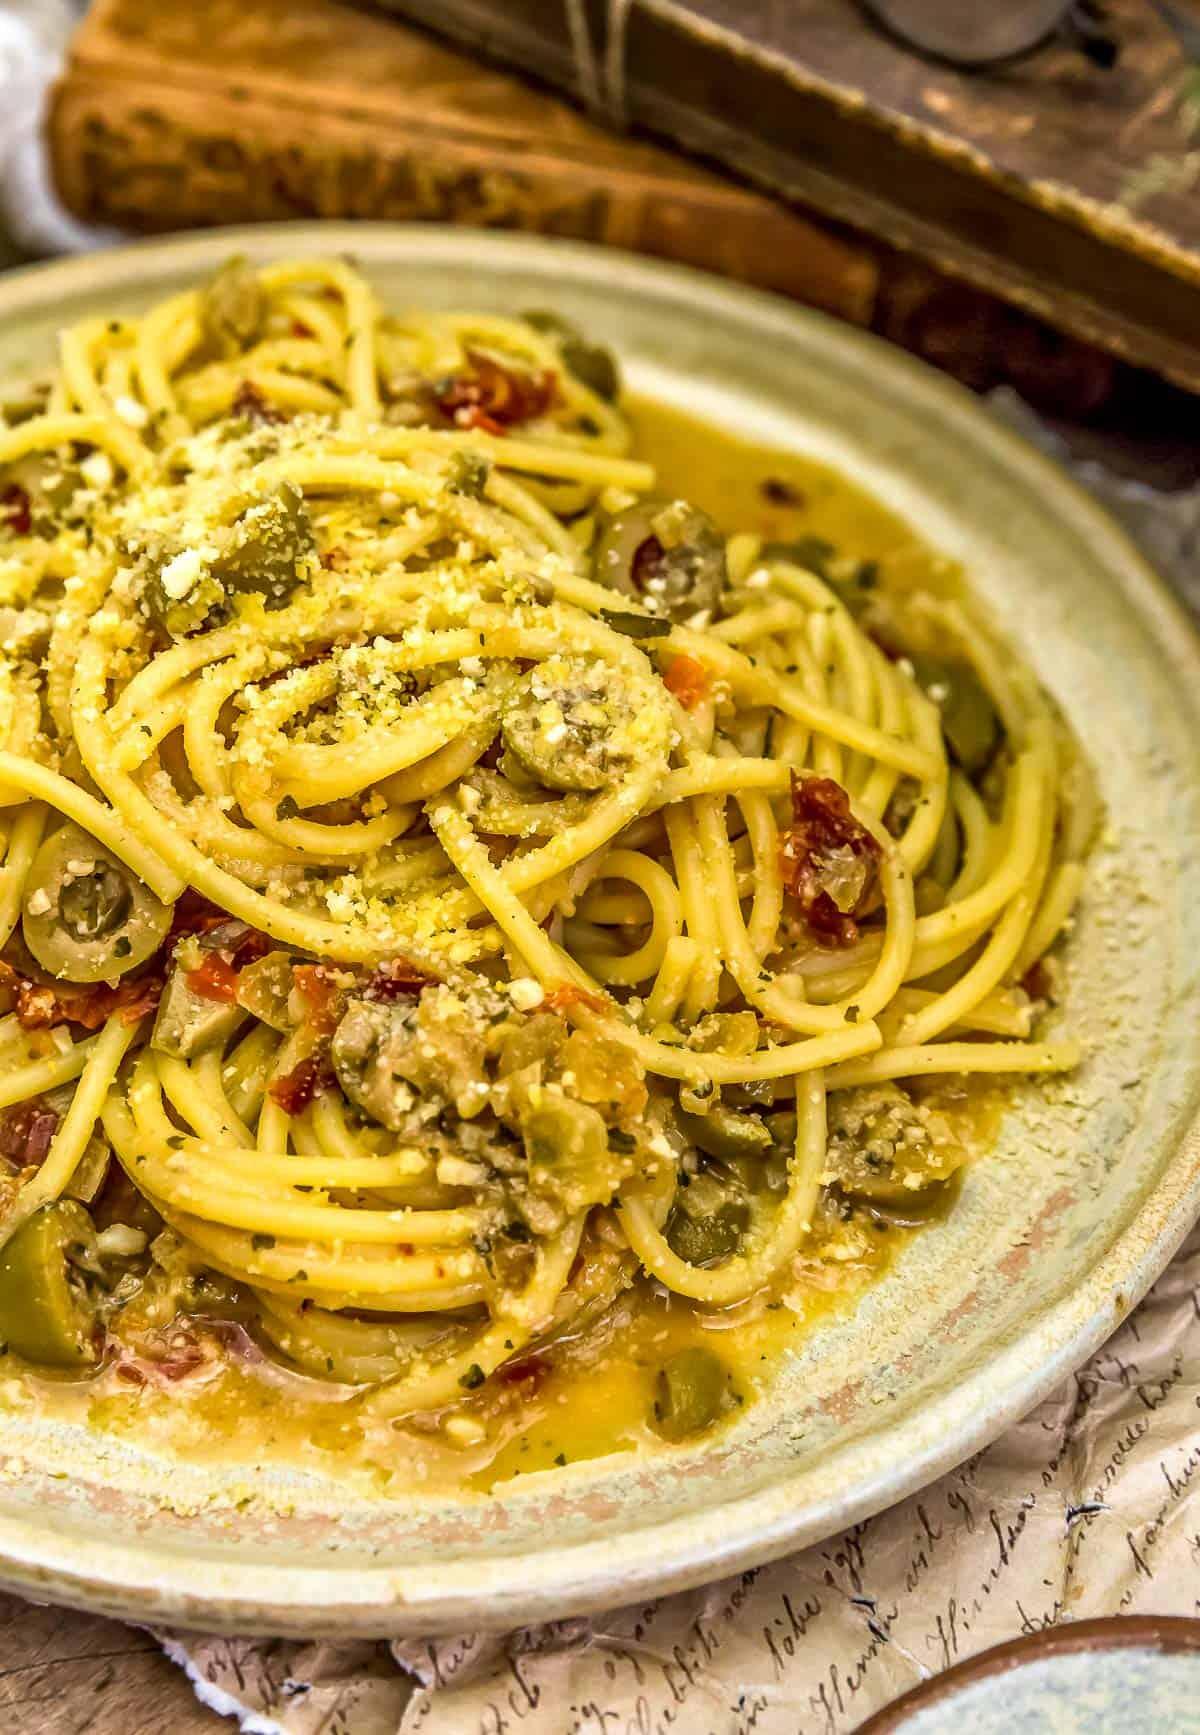 Plate of Spaghetti alla Siciliana